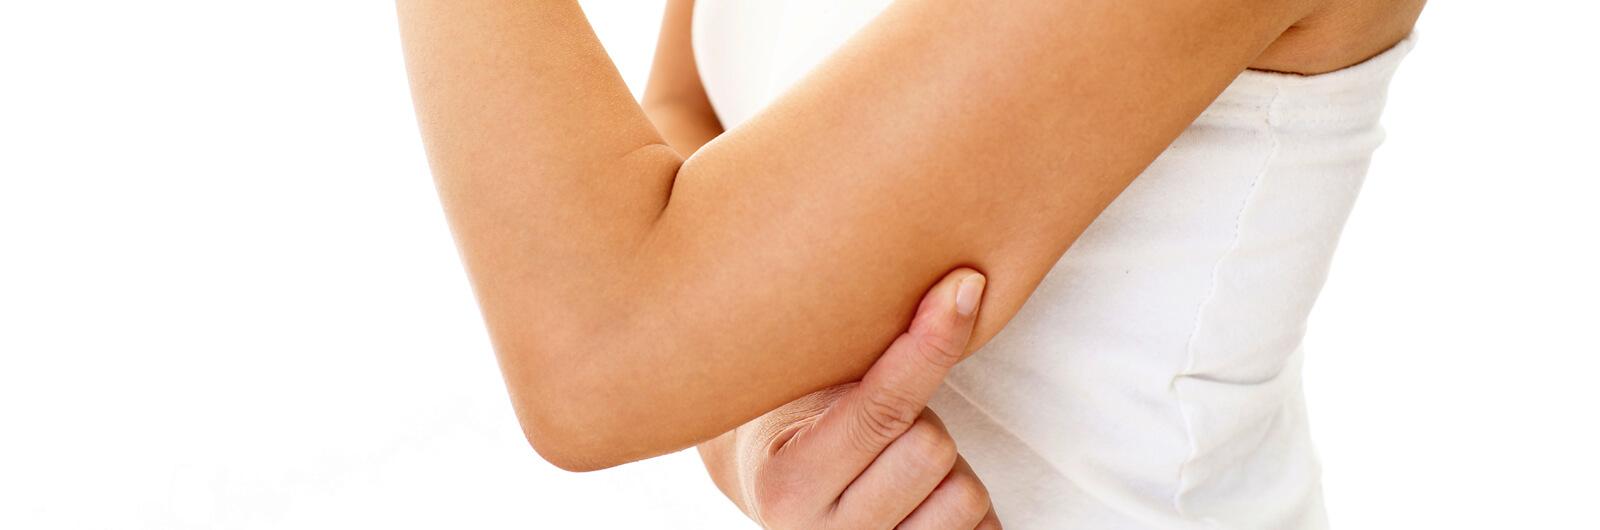 Подтяжка кожи в плечевой области